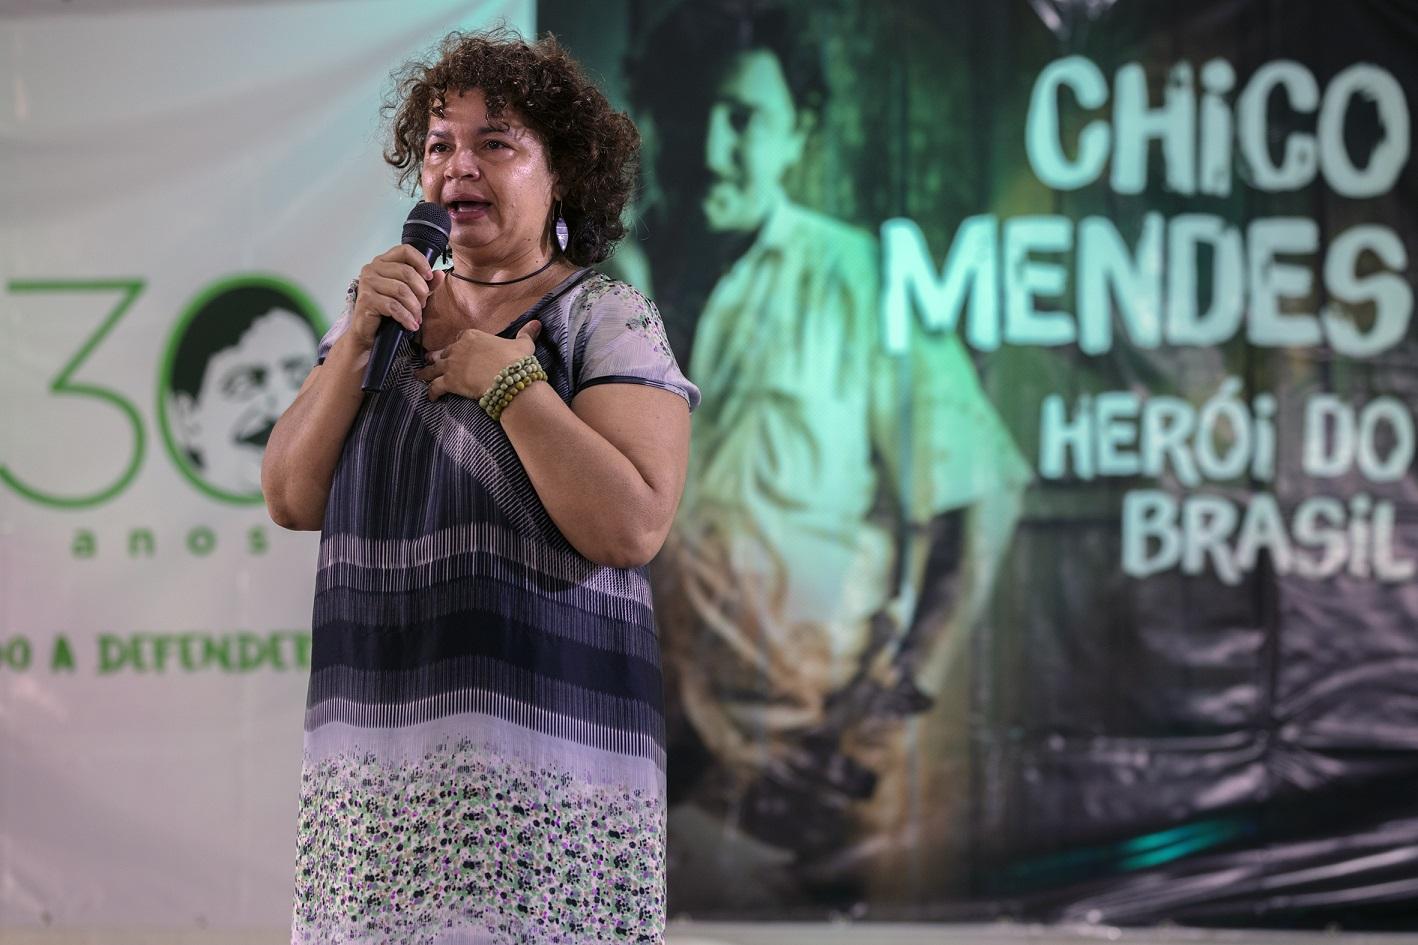 Ângela Mendes, filha mais velha do seringueiro e sindicalista Chico Mendes. Foto Marizilda Cruppe/Greenpeace